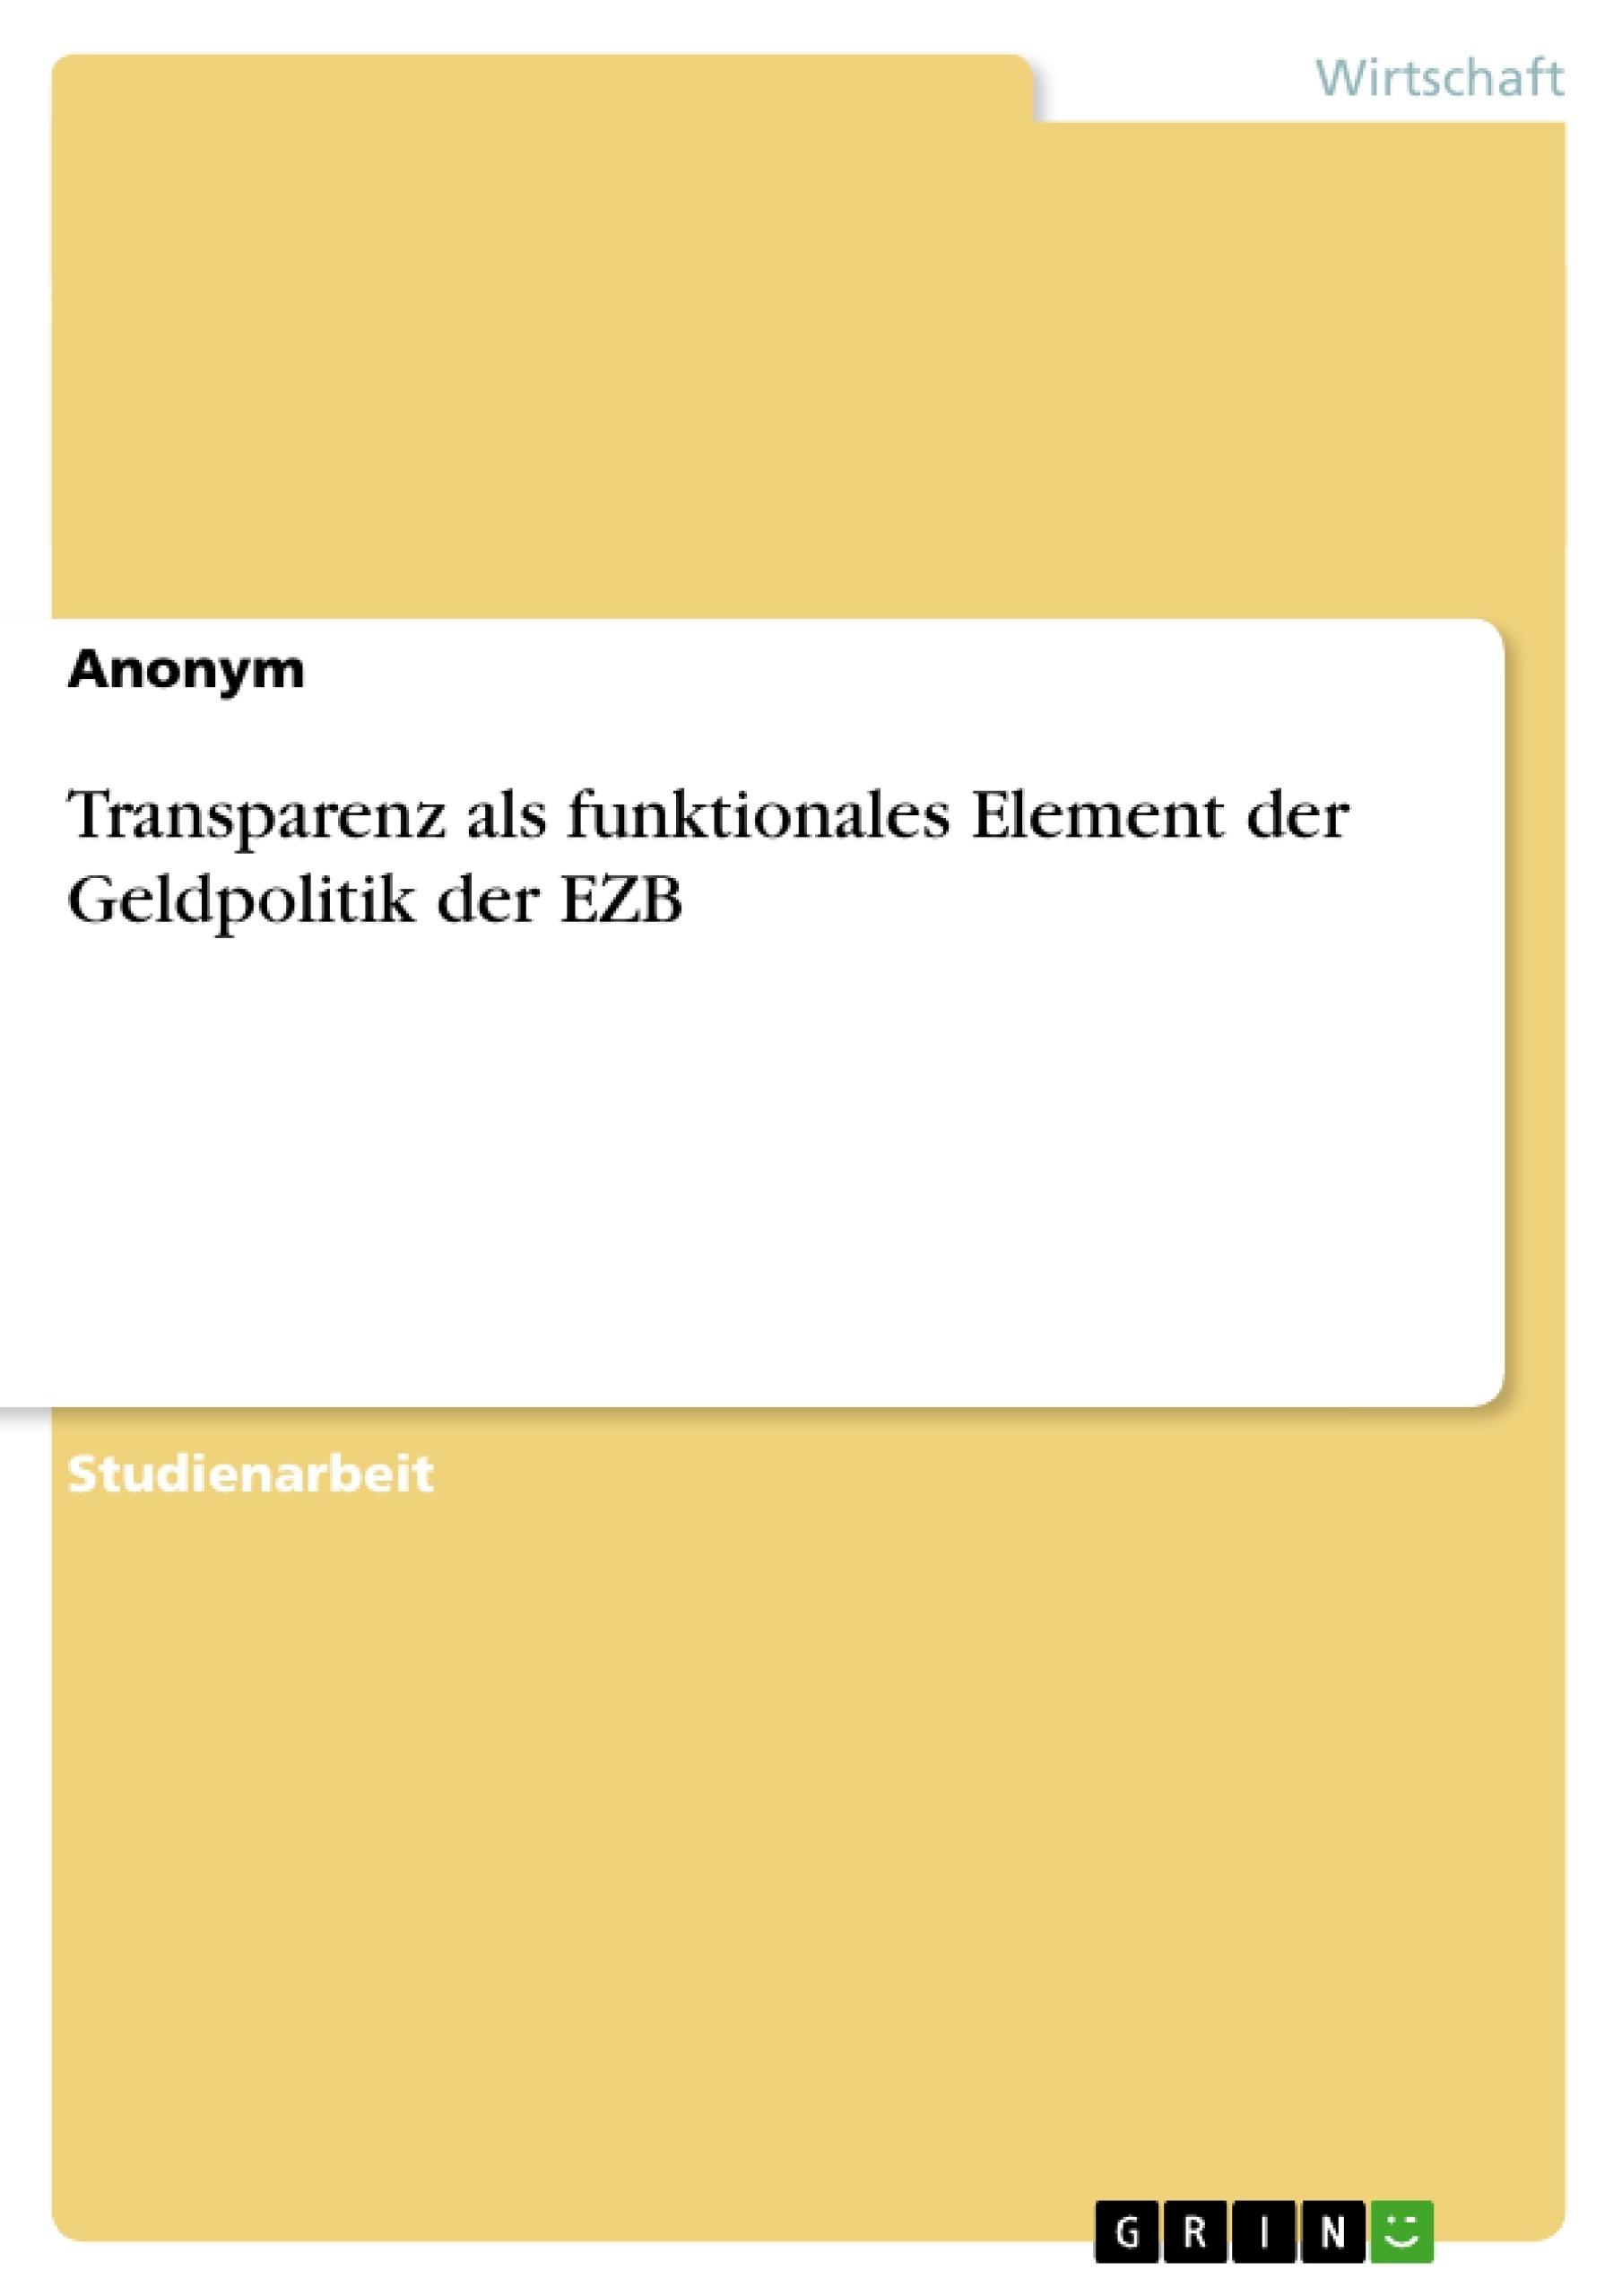 Titel: Transparenz als funktionales Element der Geldpolitik der EZB